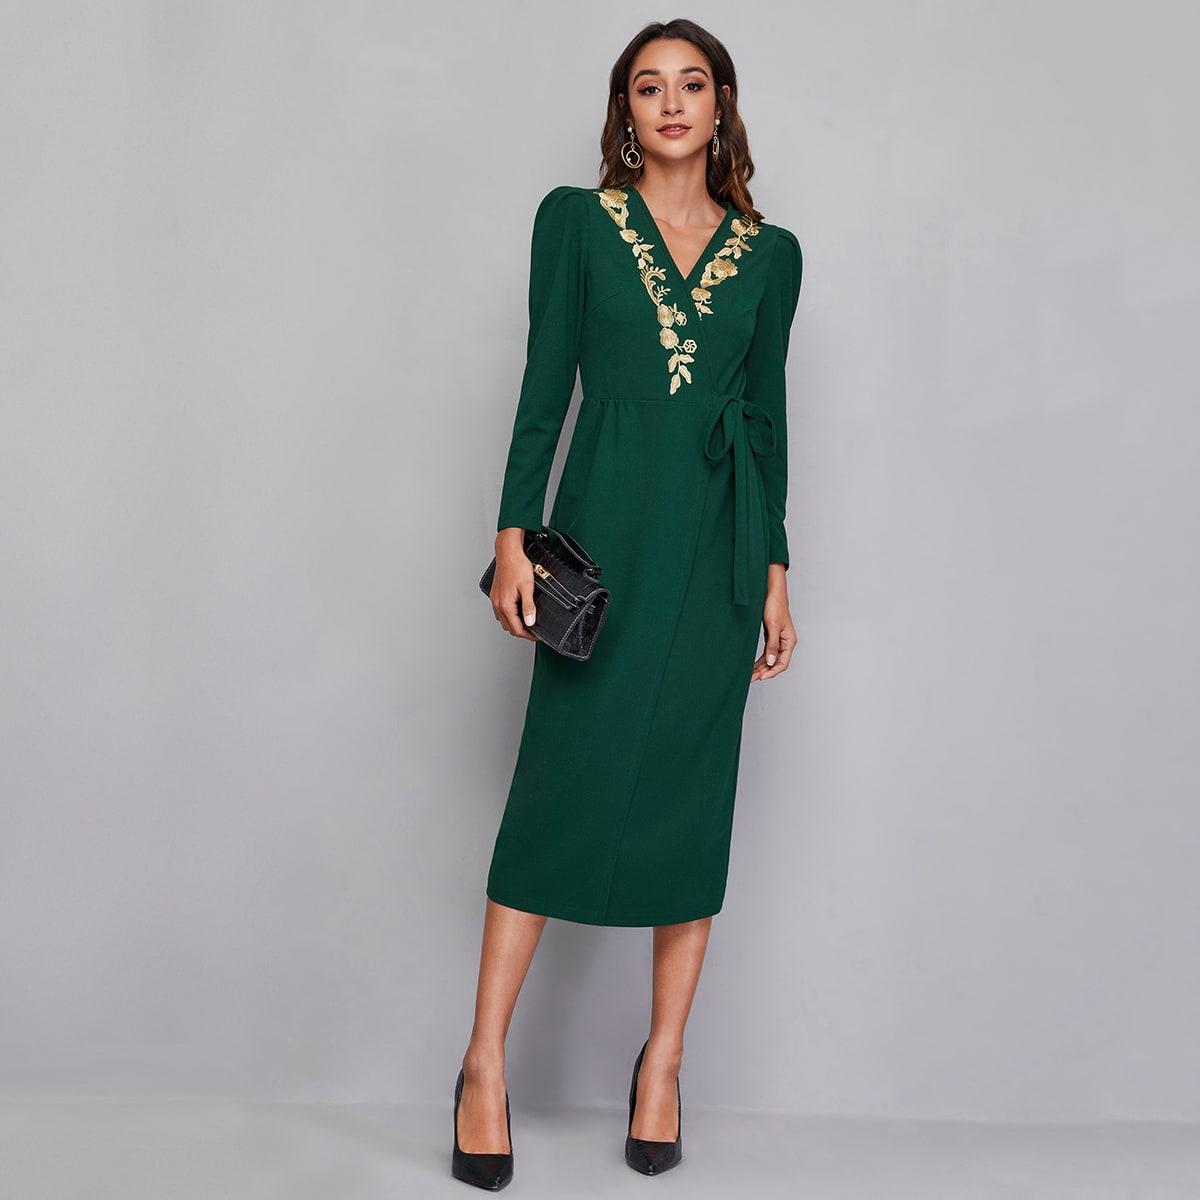 с вышивкой Цветочный принт Элегантный Платье